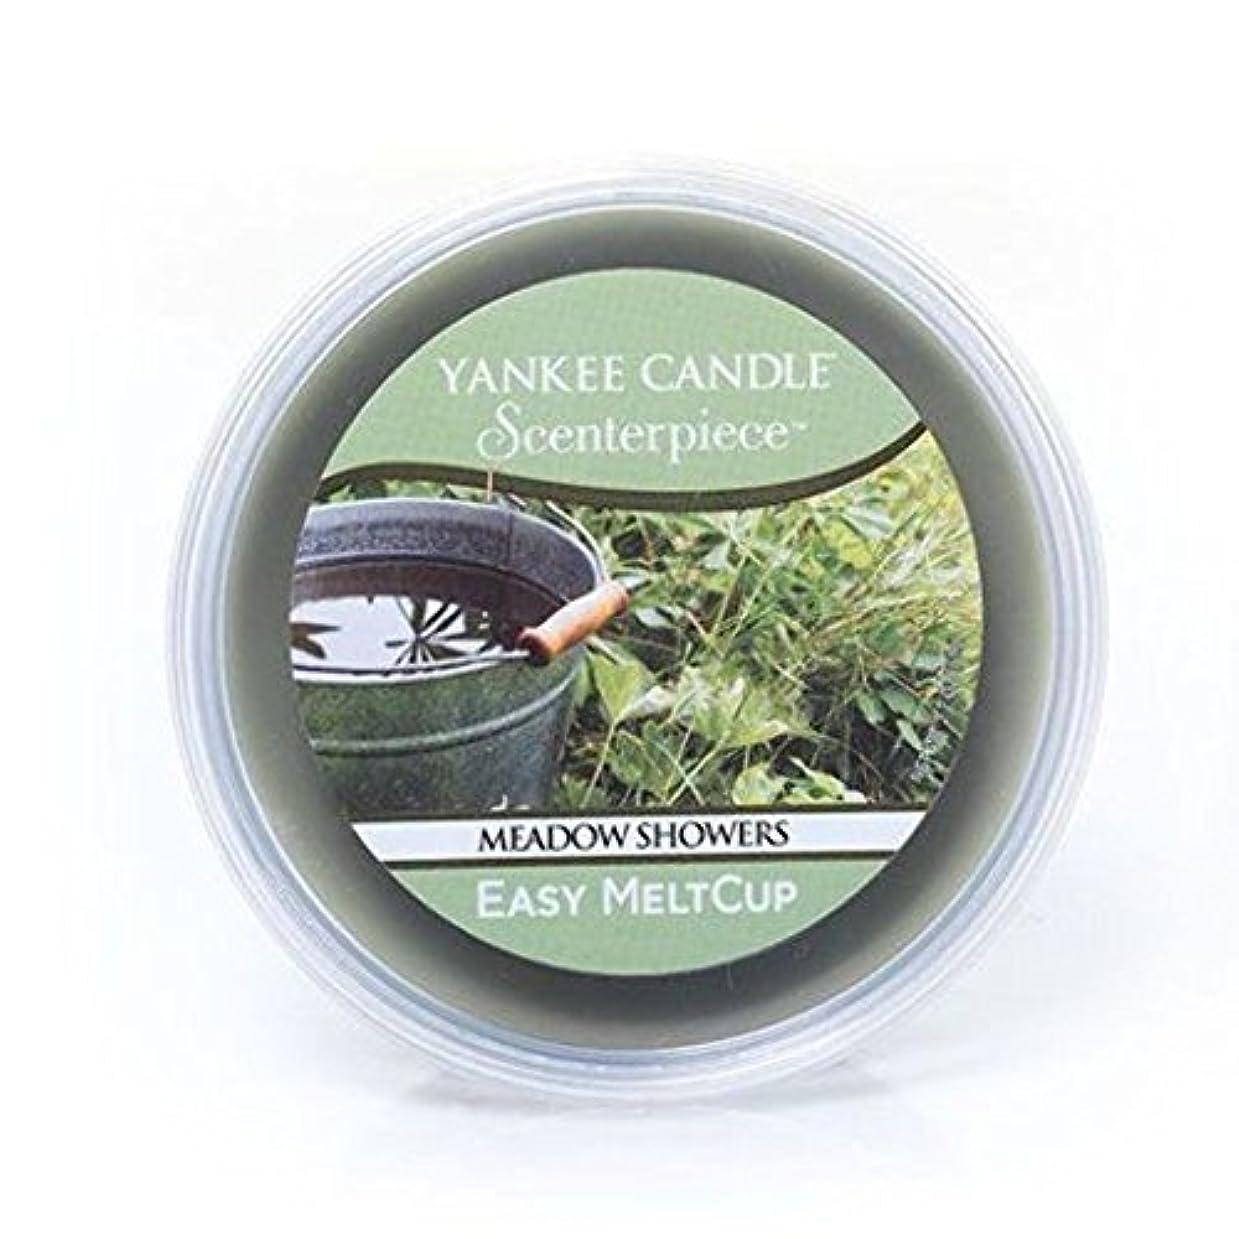 曲線購入悪のYankee Candle Meadow Showers Scenterpiece Easy MeltCup、新鮮な香り